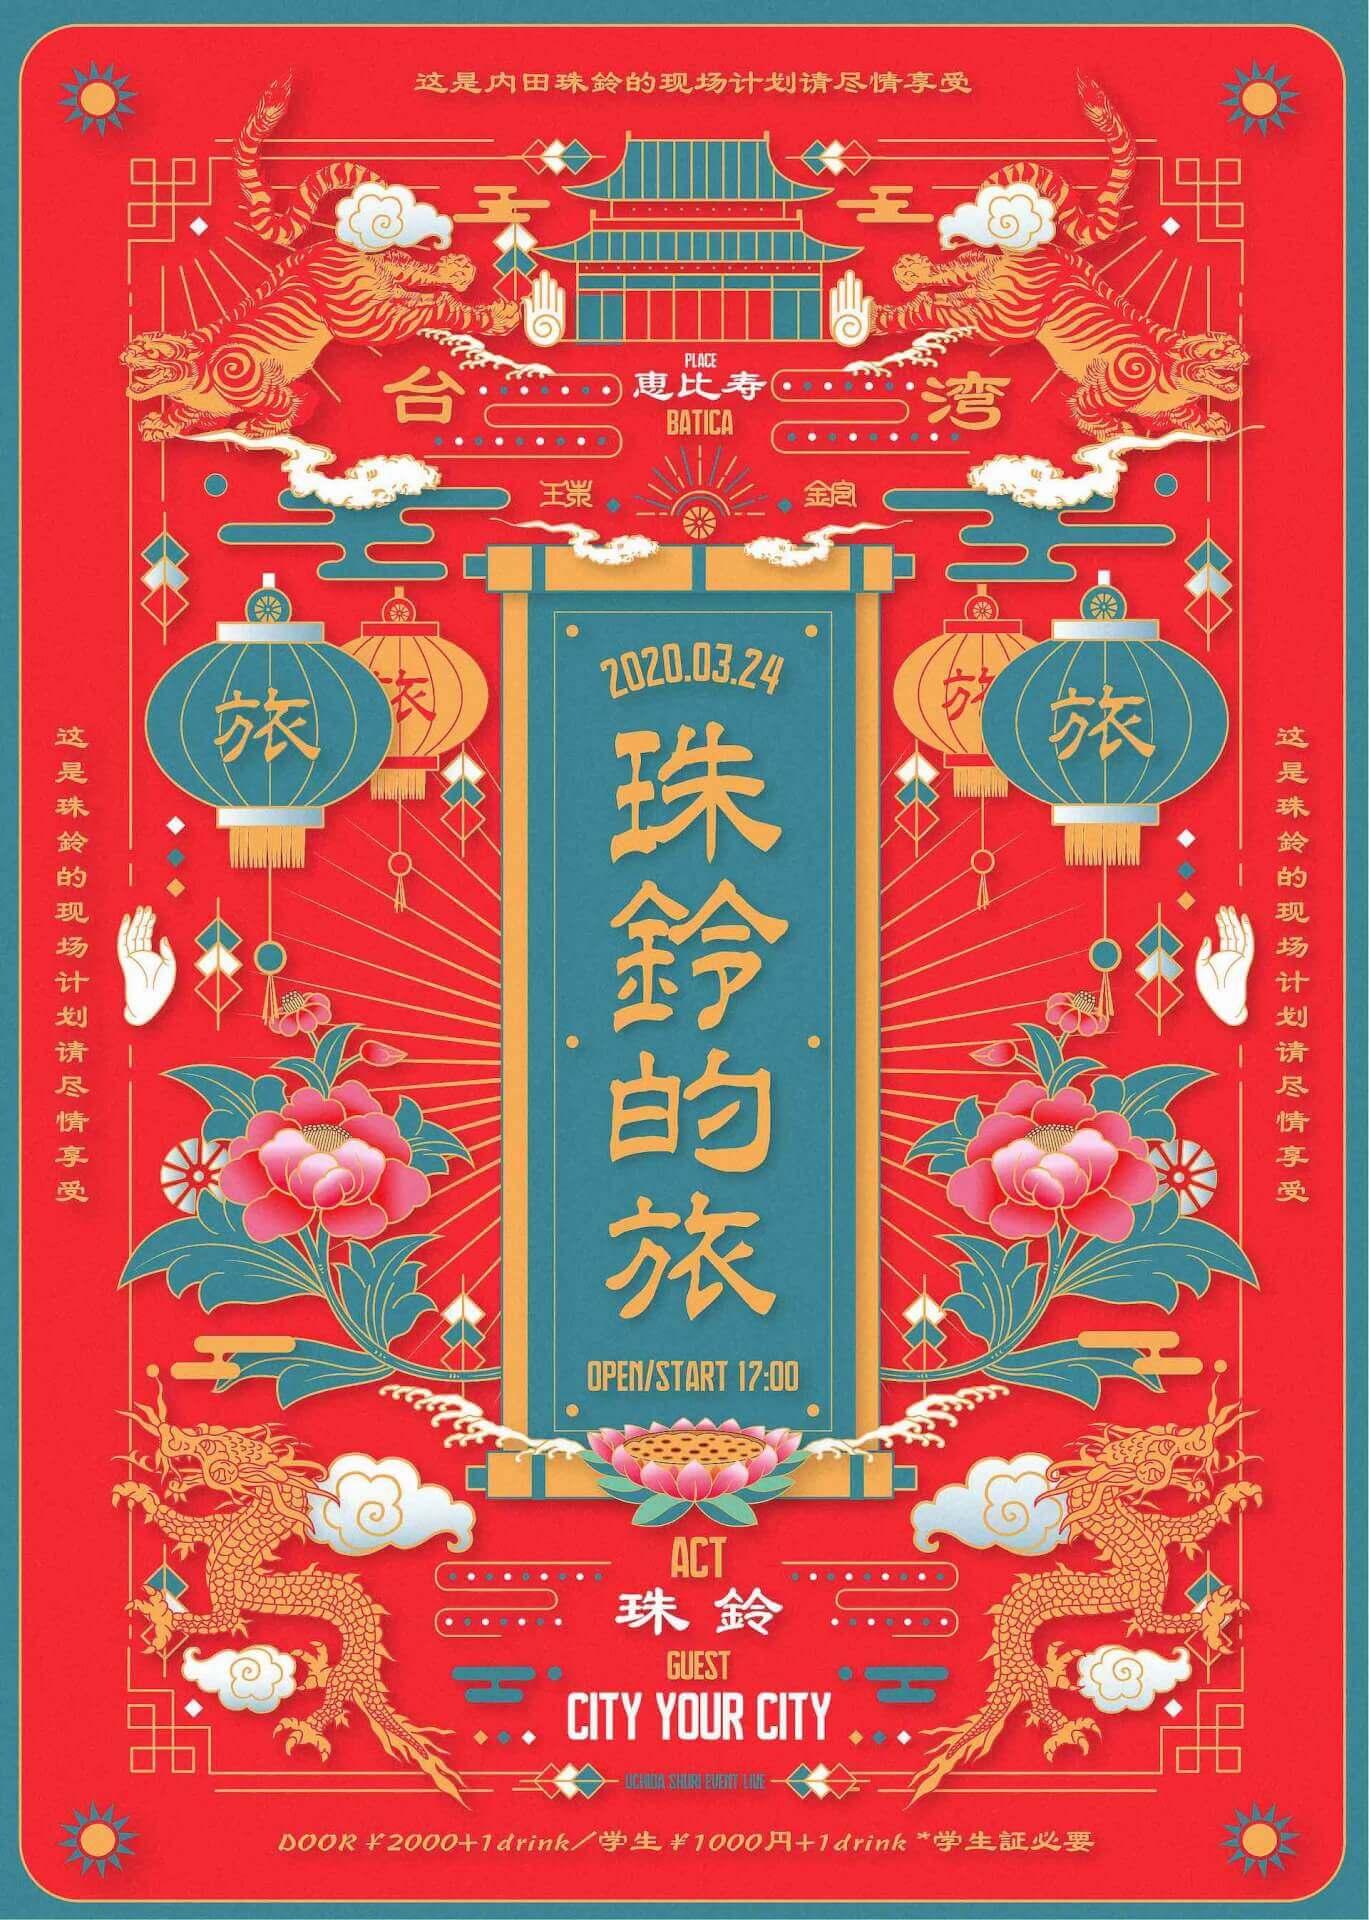 珠 鈴×松㟢翔平 台湾でどこ行く なに食べる?好好台湾対談 music200206_syuri_1